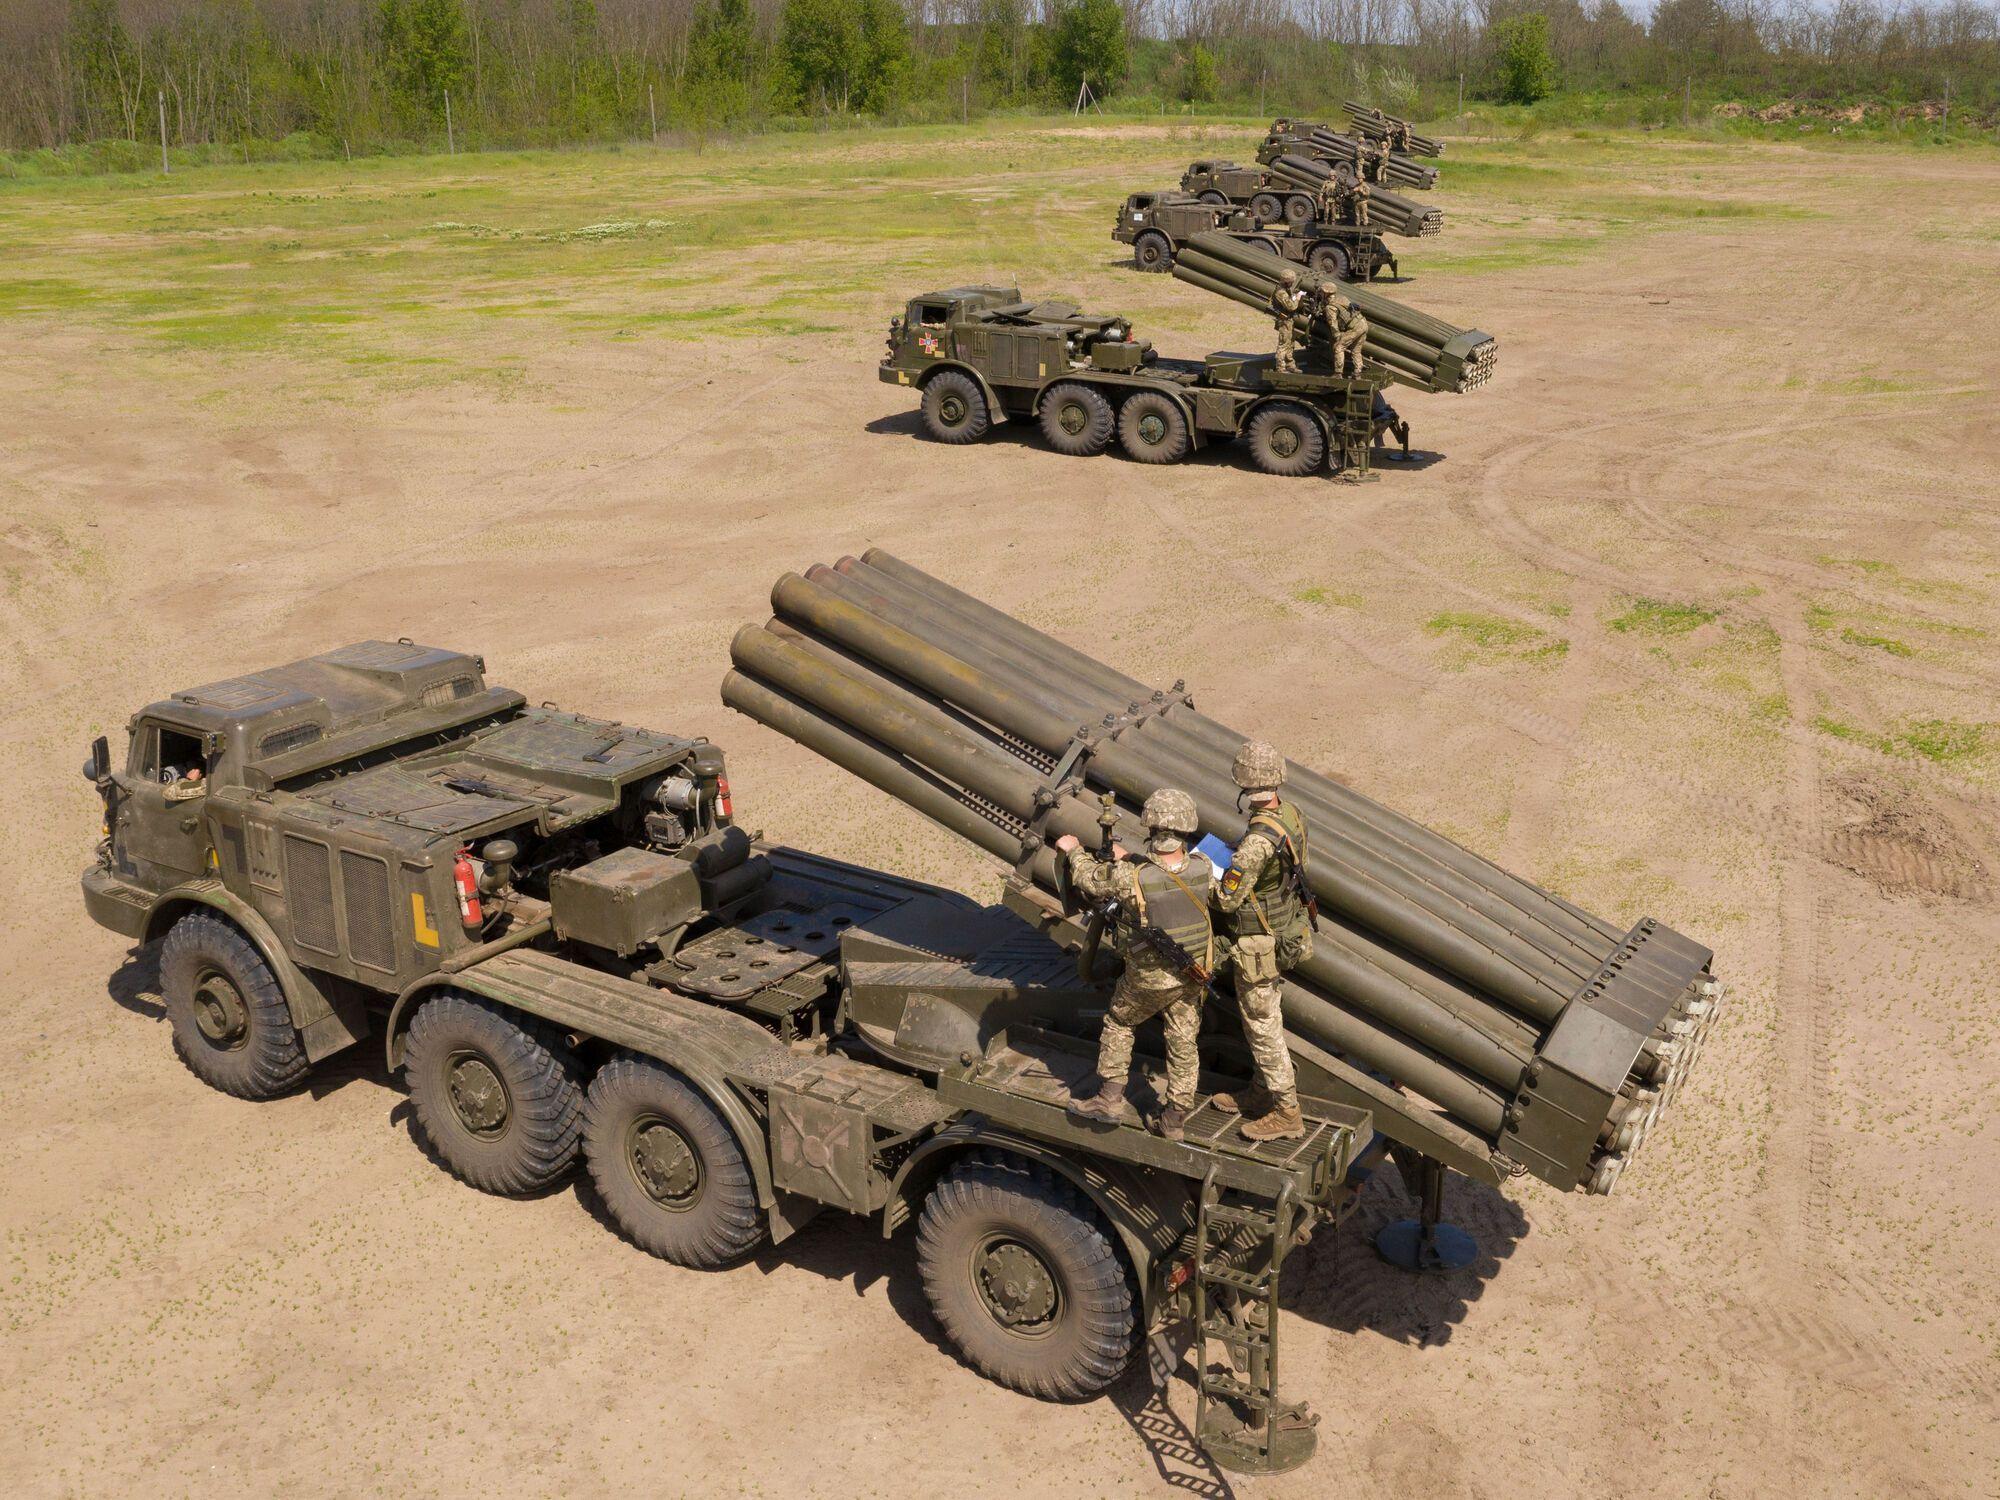 Також артилеристи ЗСУ відпрацьовували дистанційне мінування районів можливого наступу ворога